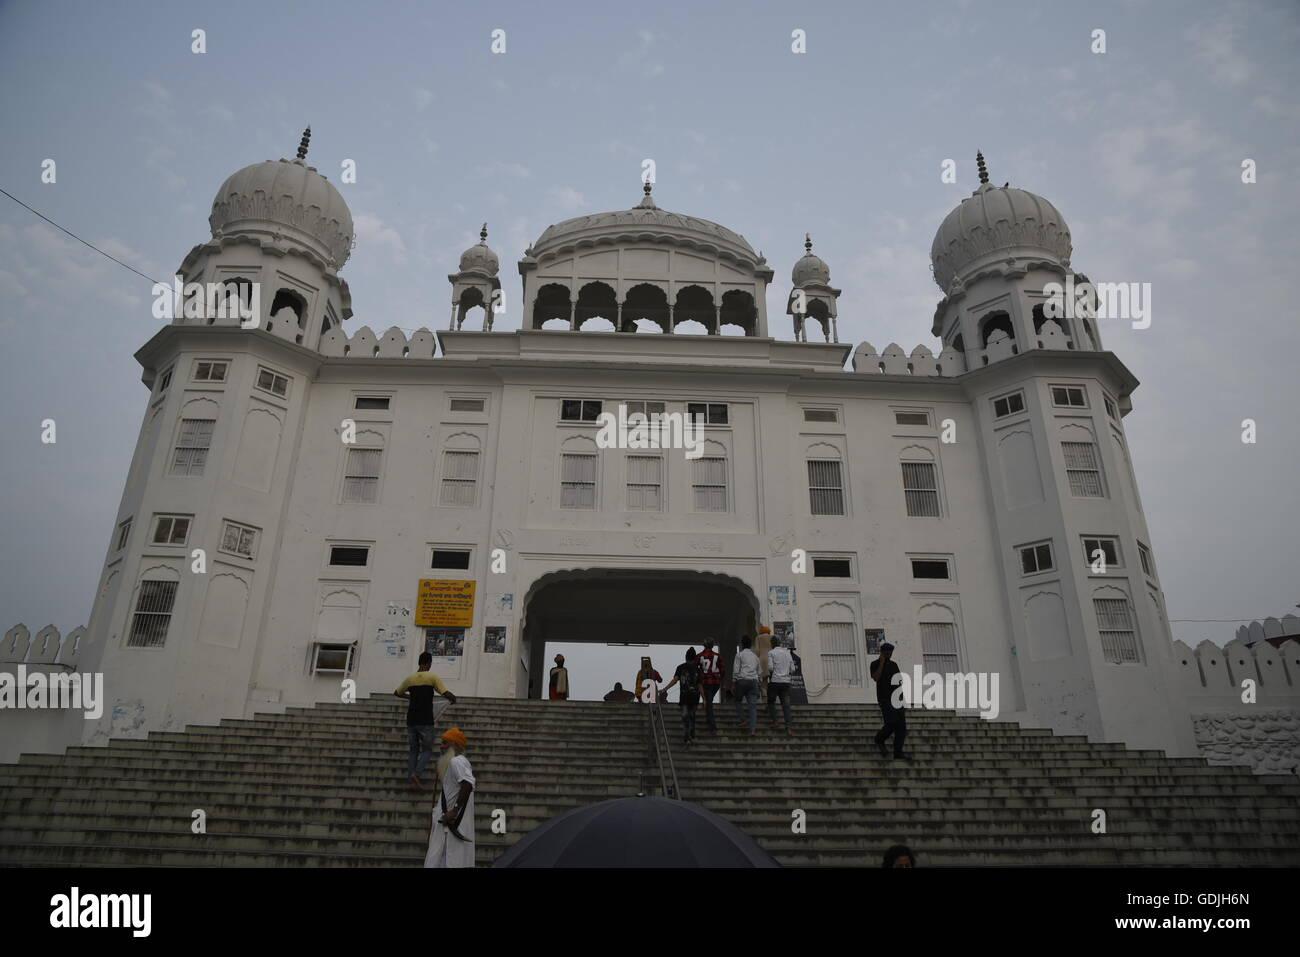 Escaliers d'accès et porte de Gurudwara Sahib Anandgarh Qila, Anandpur Sahib, Punjab, en Inde, en Asie Banque D'Images